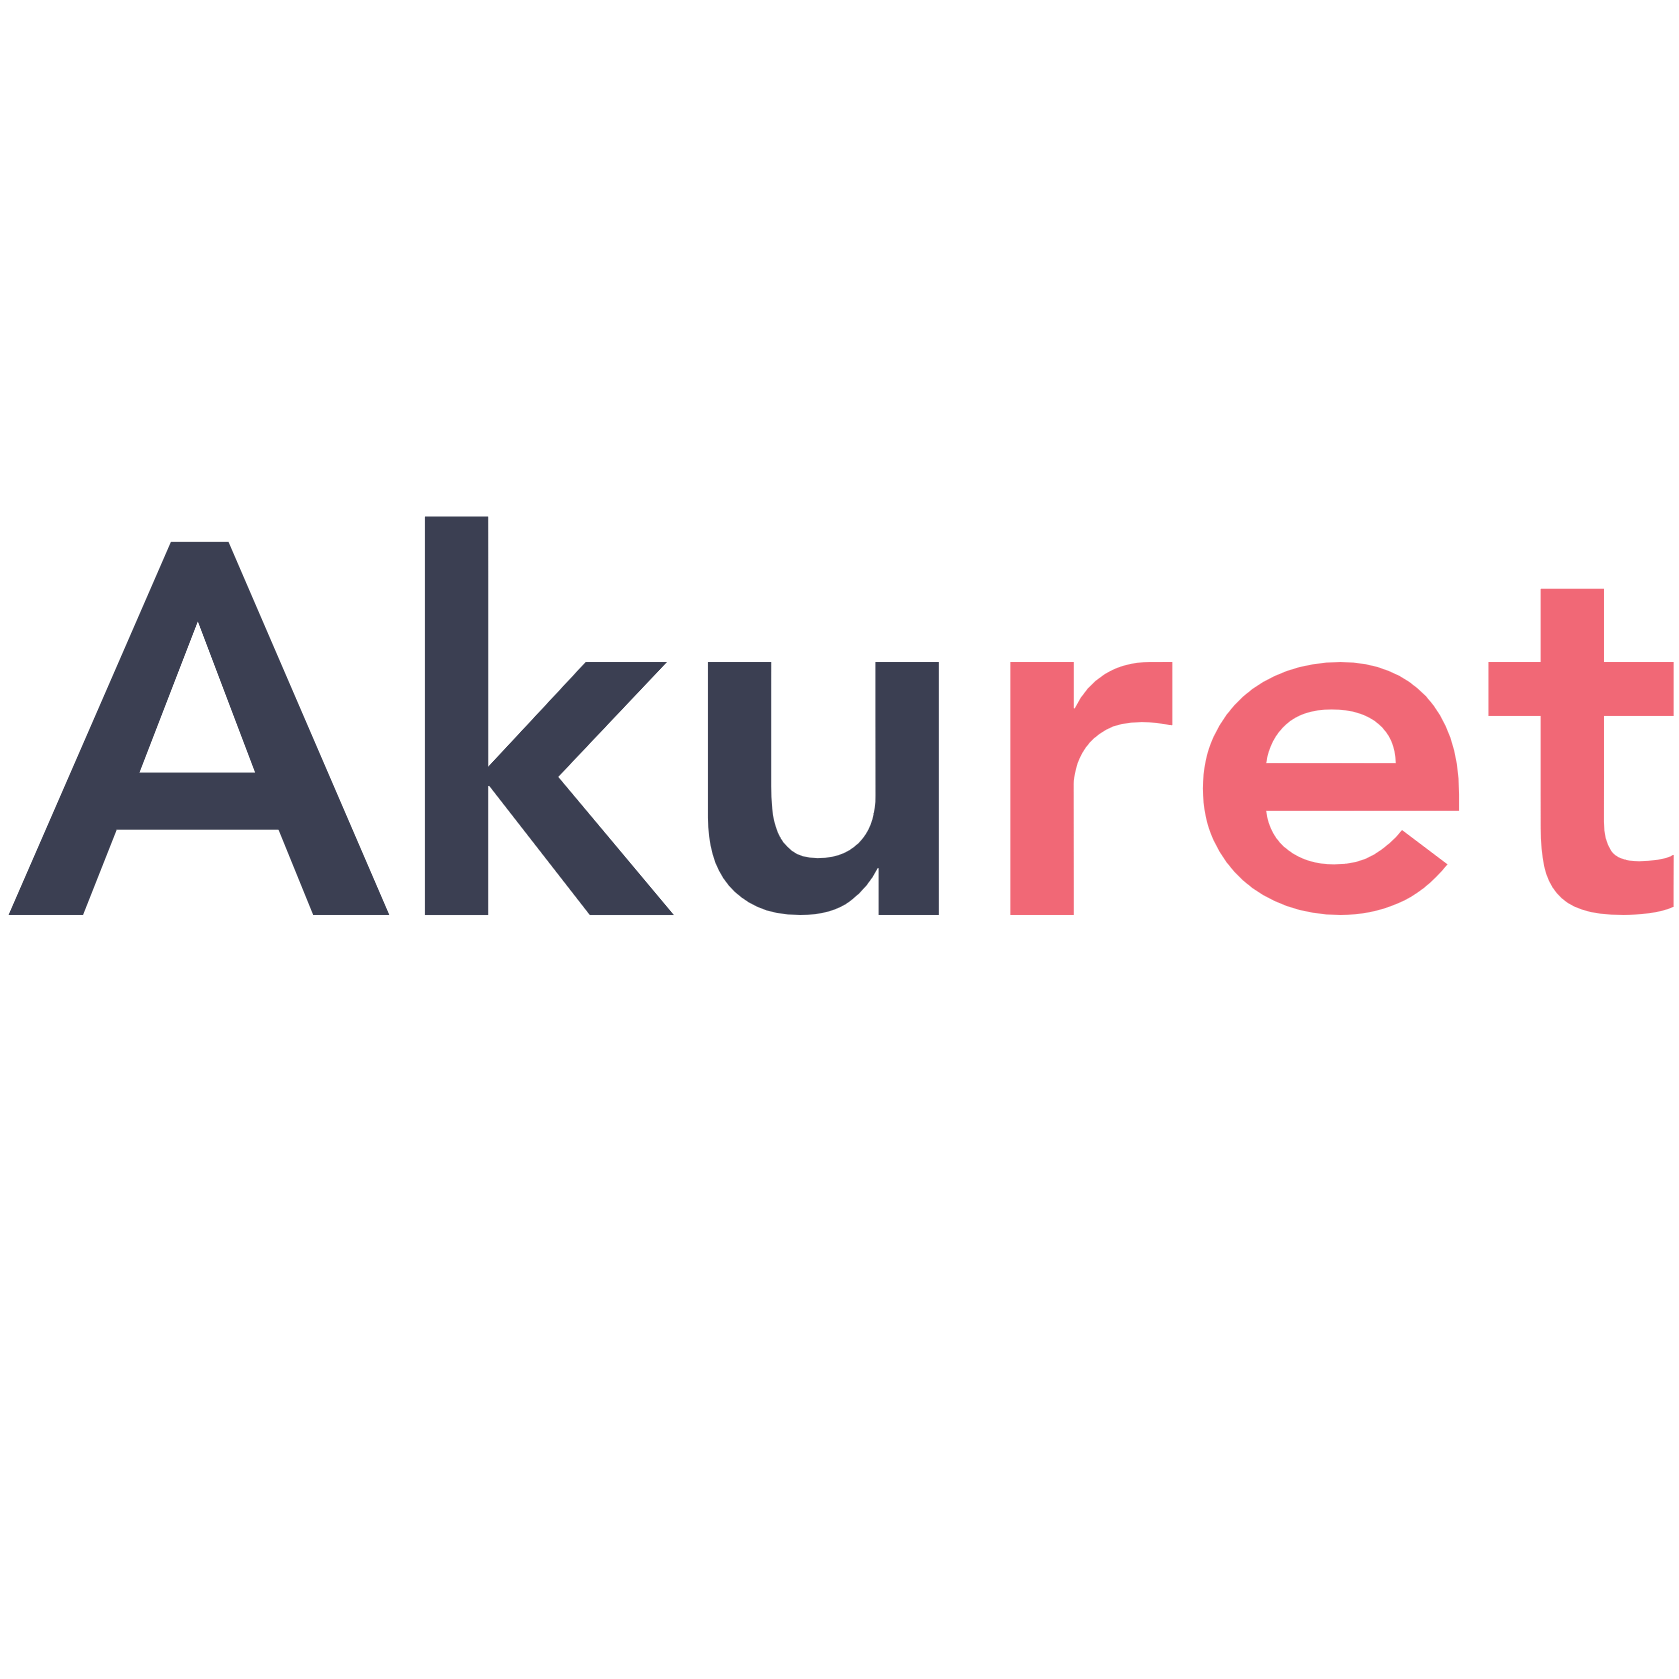 Akuret logo